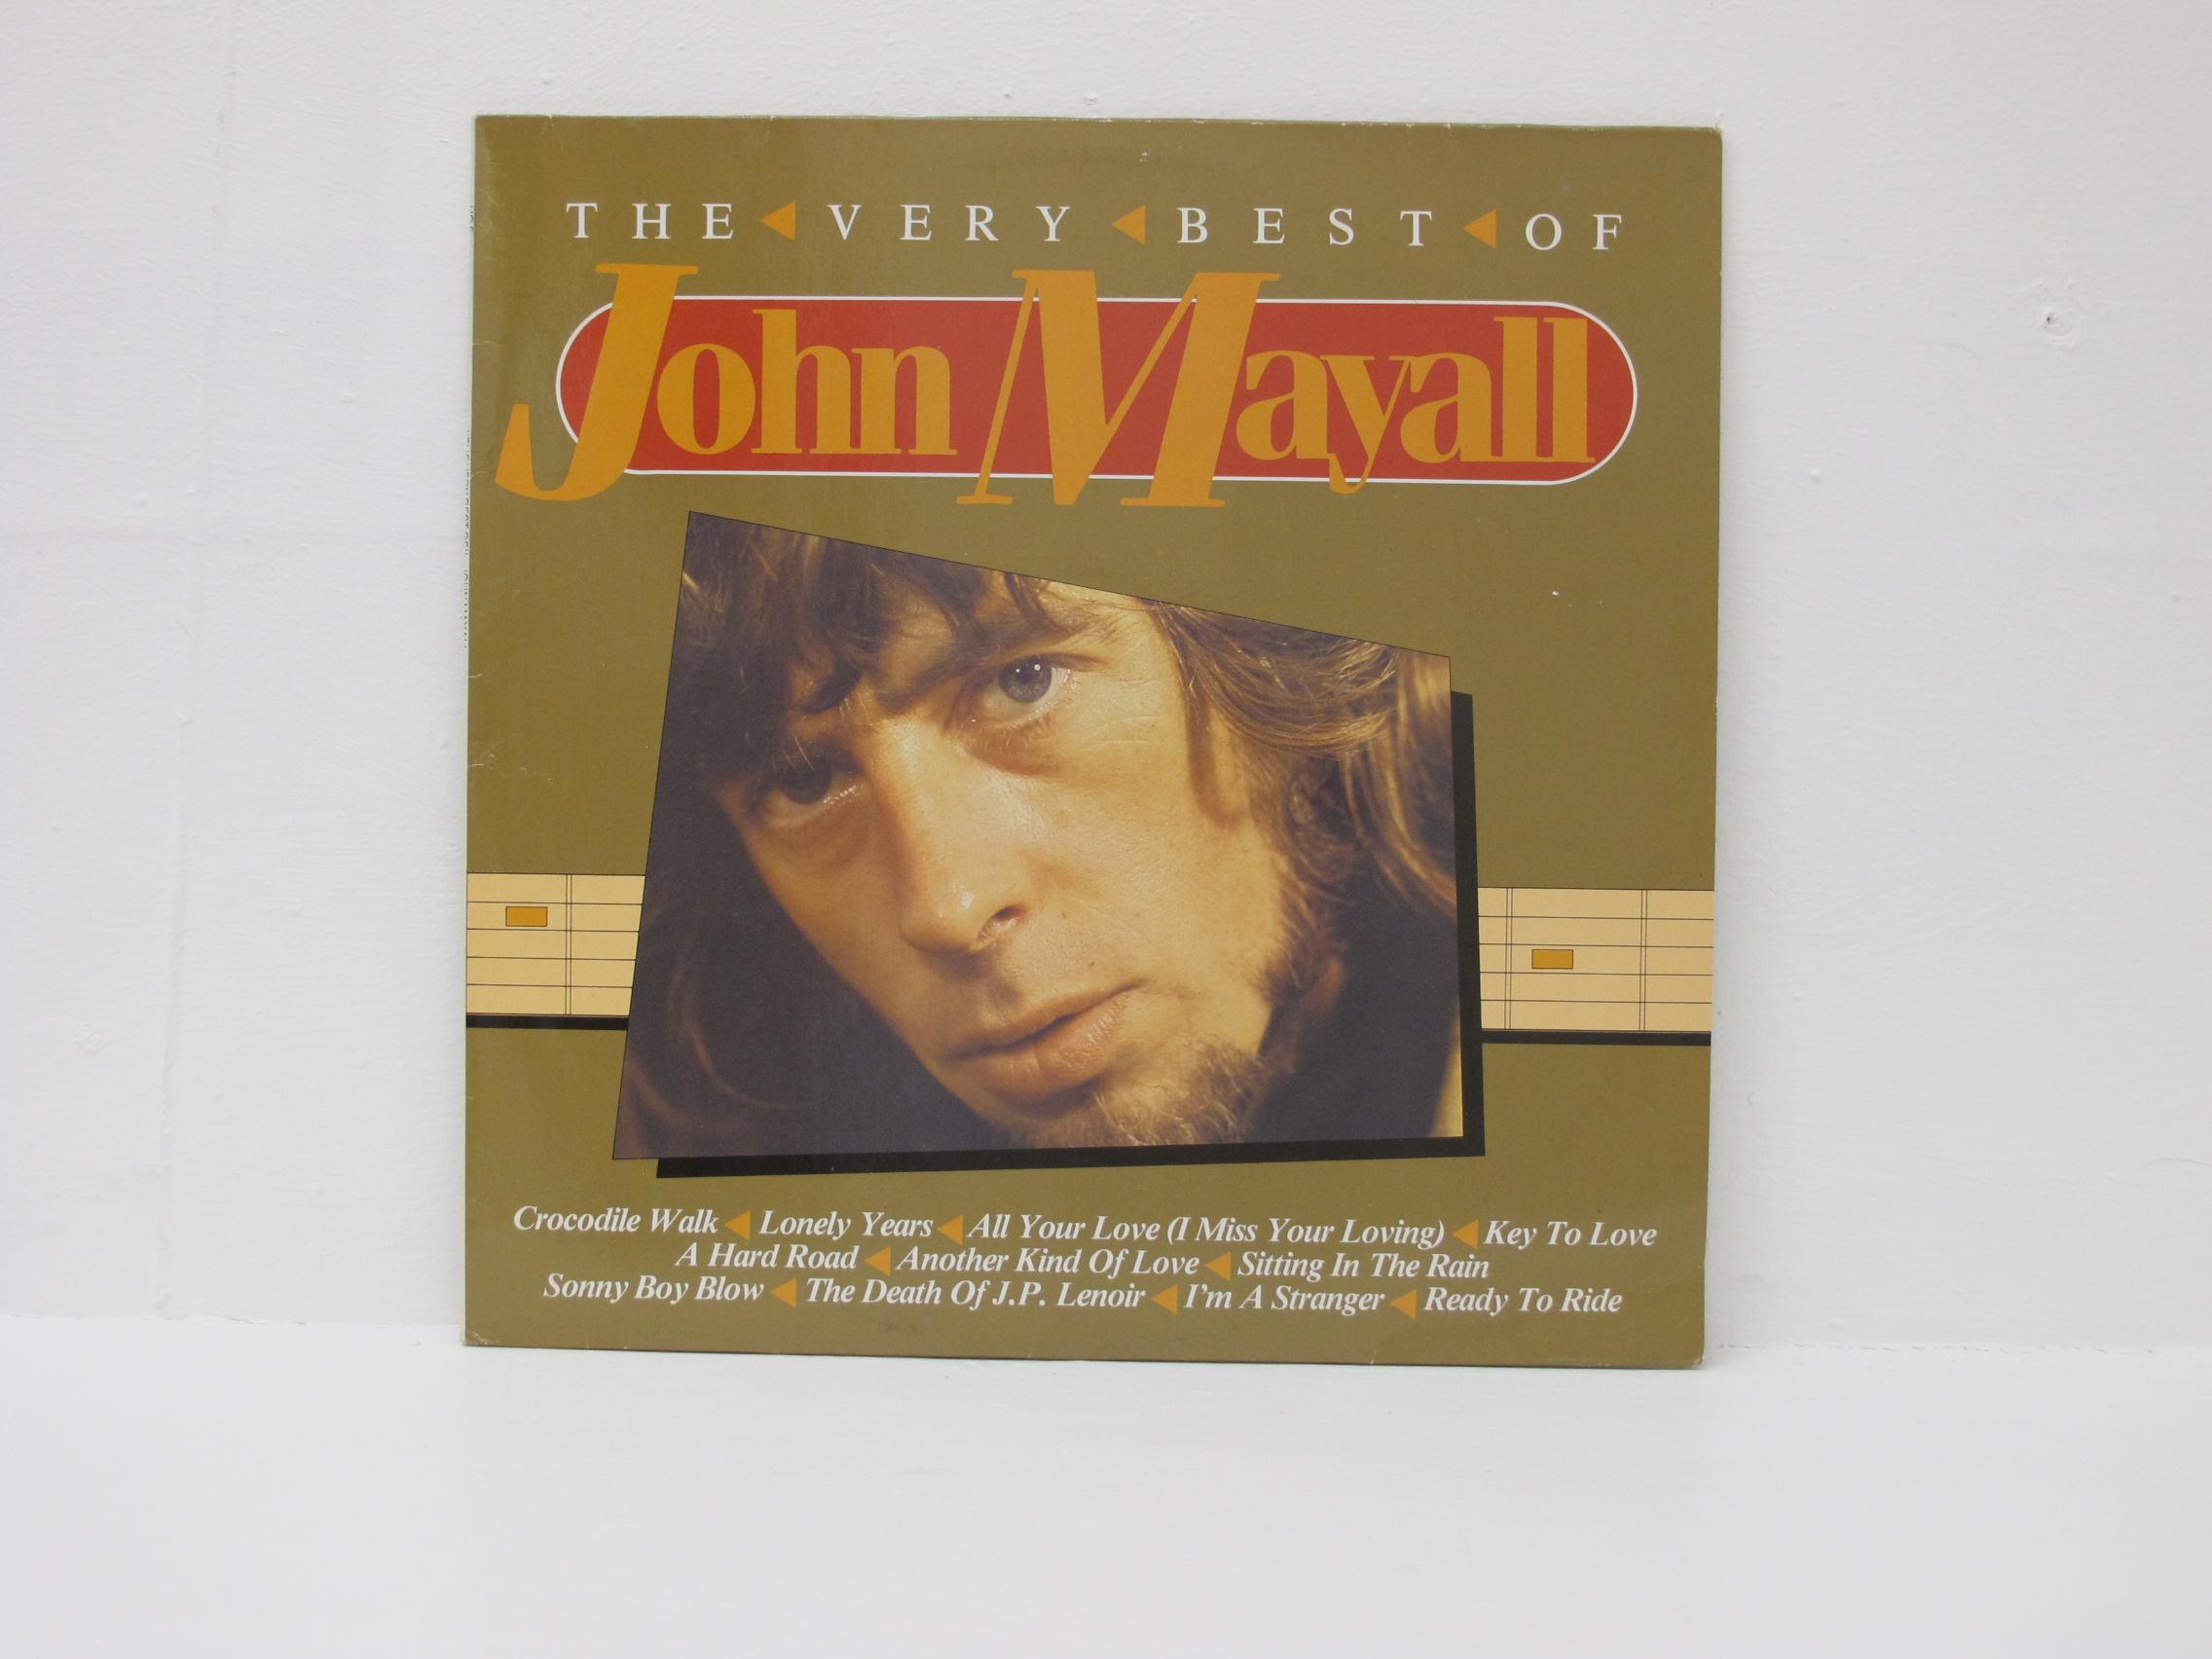 John Mayal  - The Very Best of John Mayal